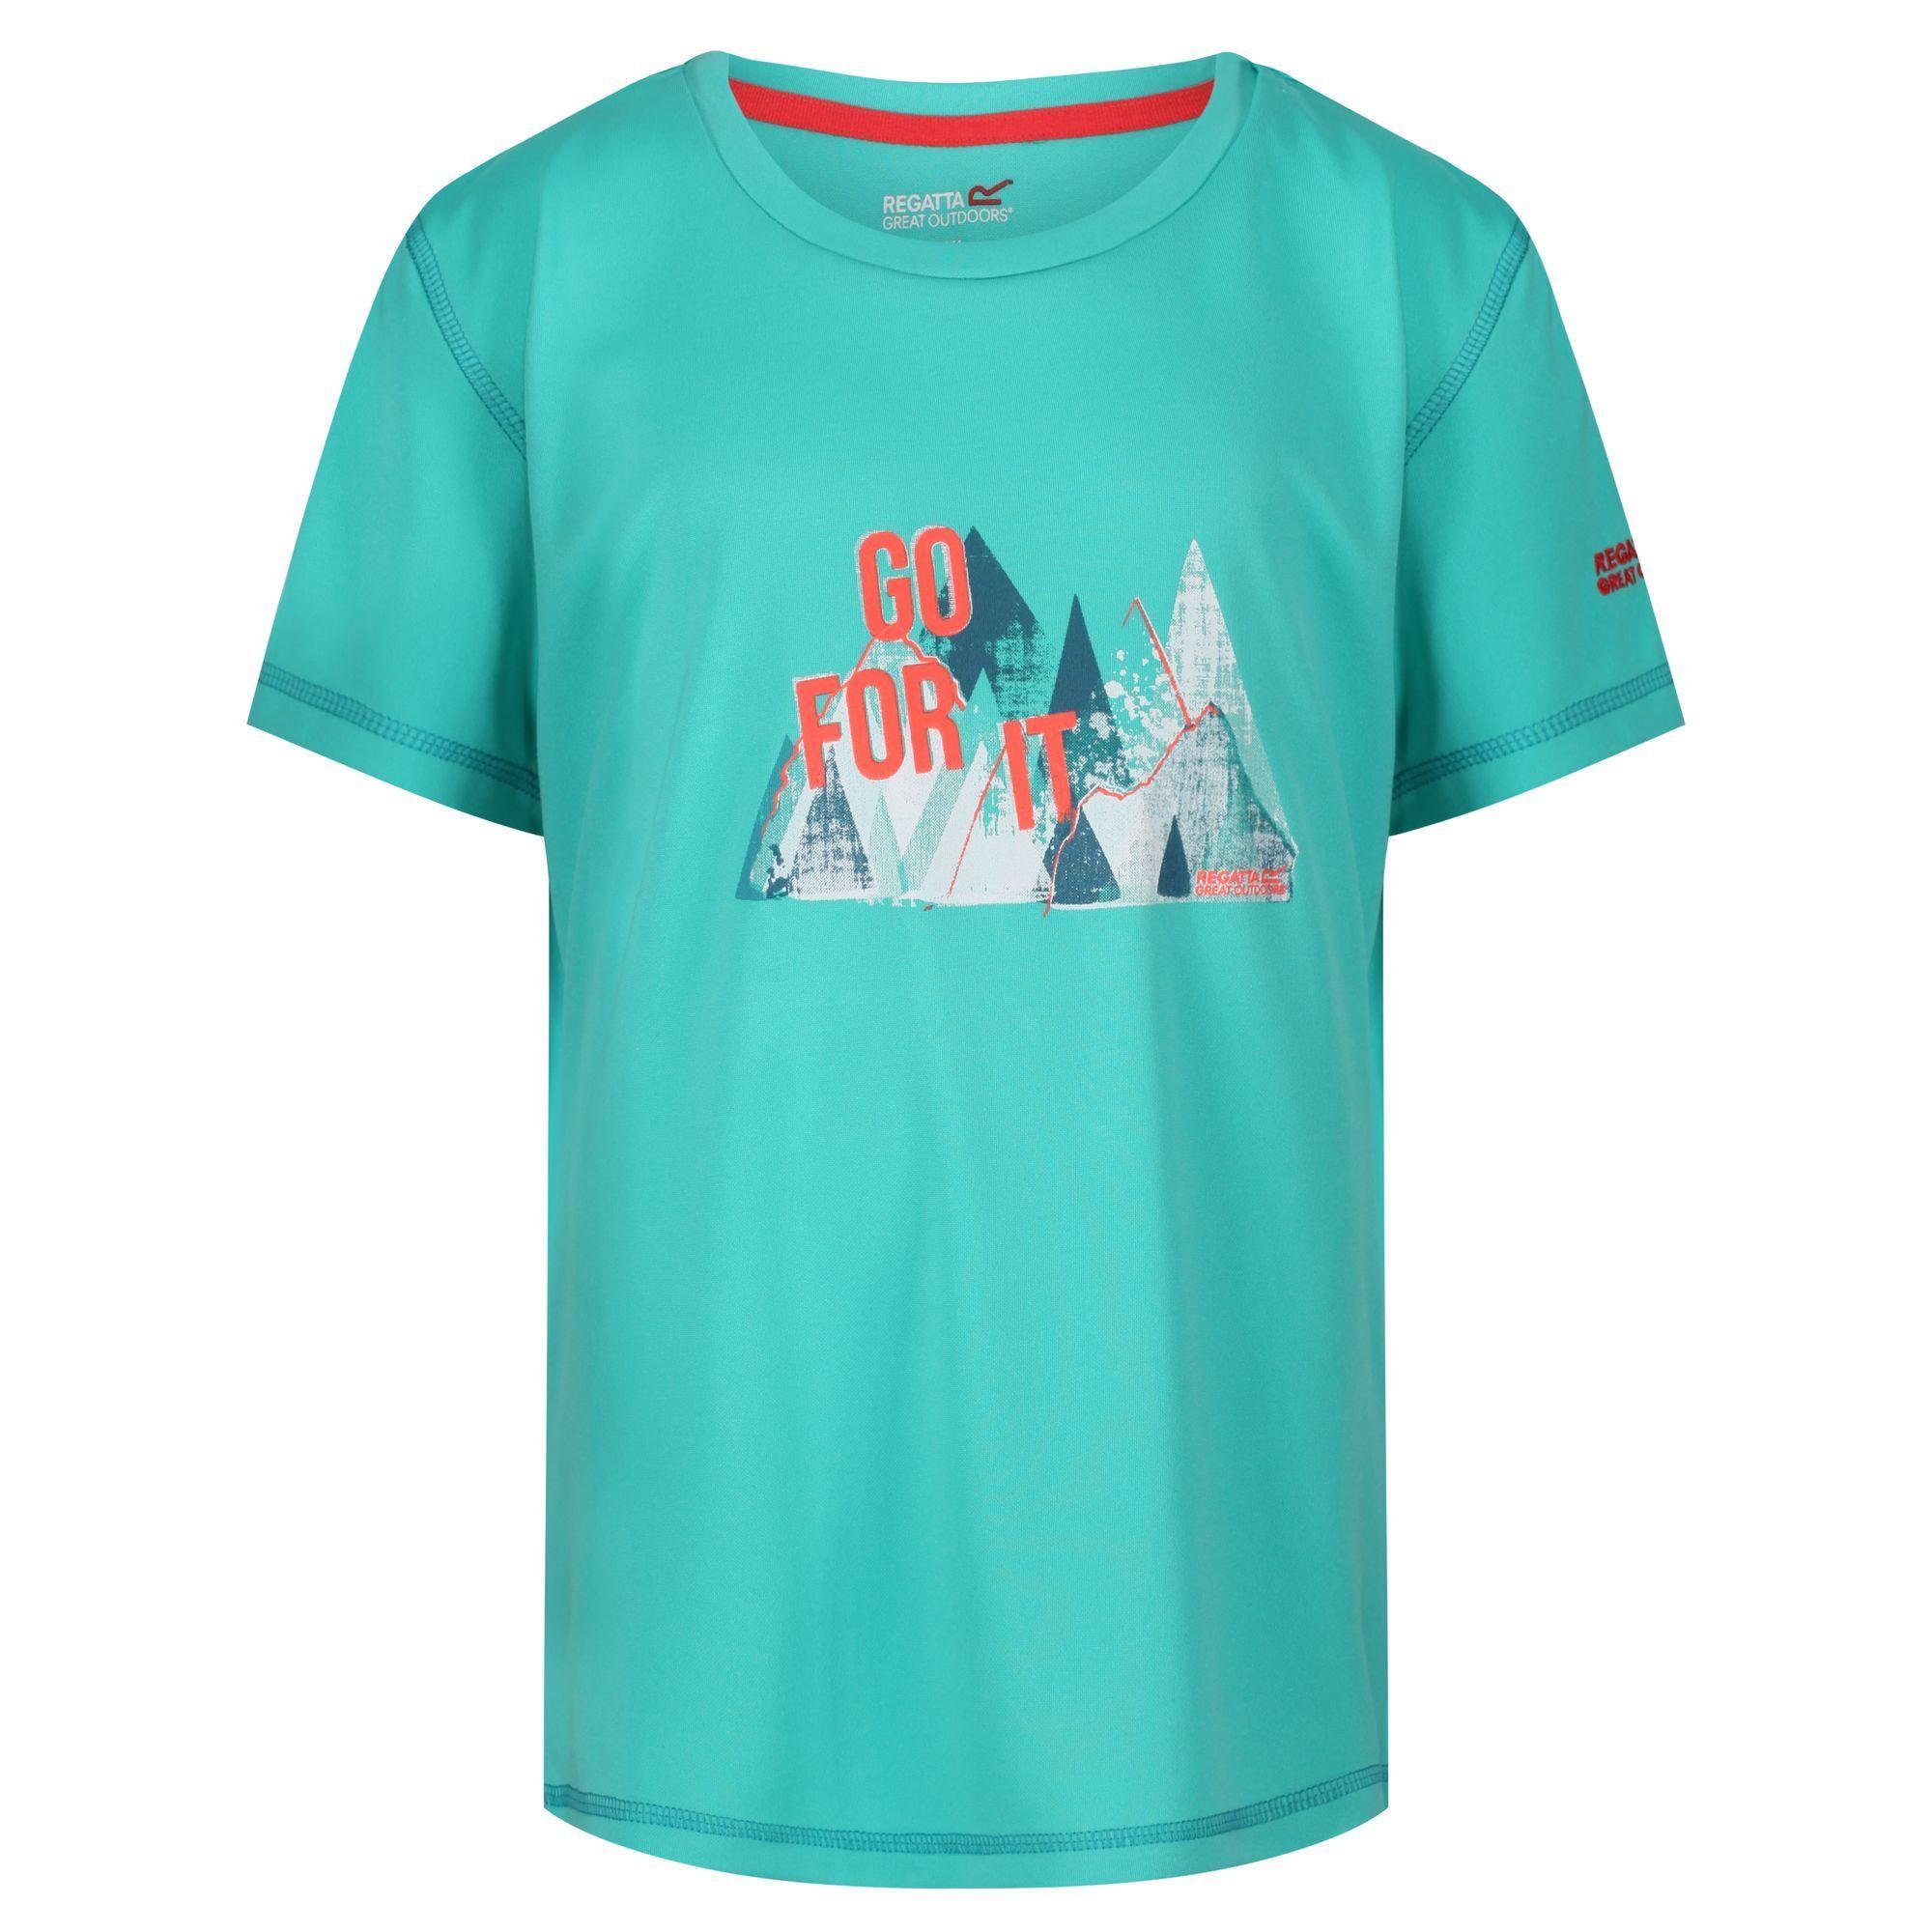 Regatta Childrens/Kids Alvarado IV Graphic Print T-Shirt